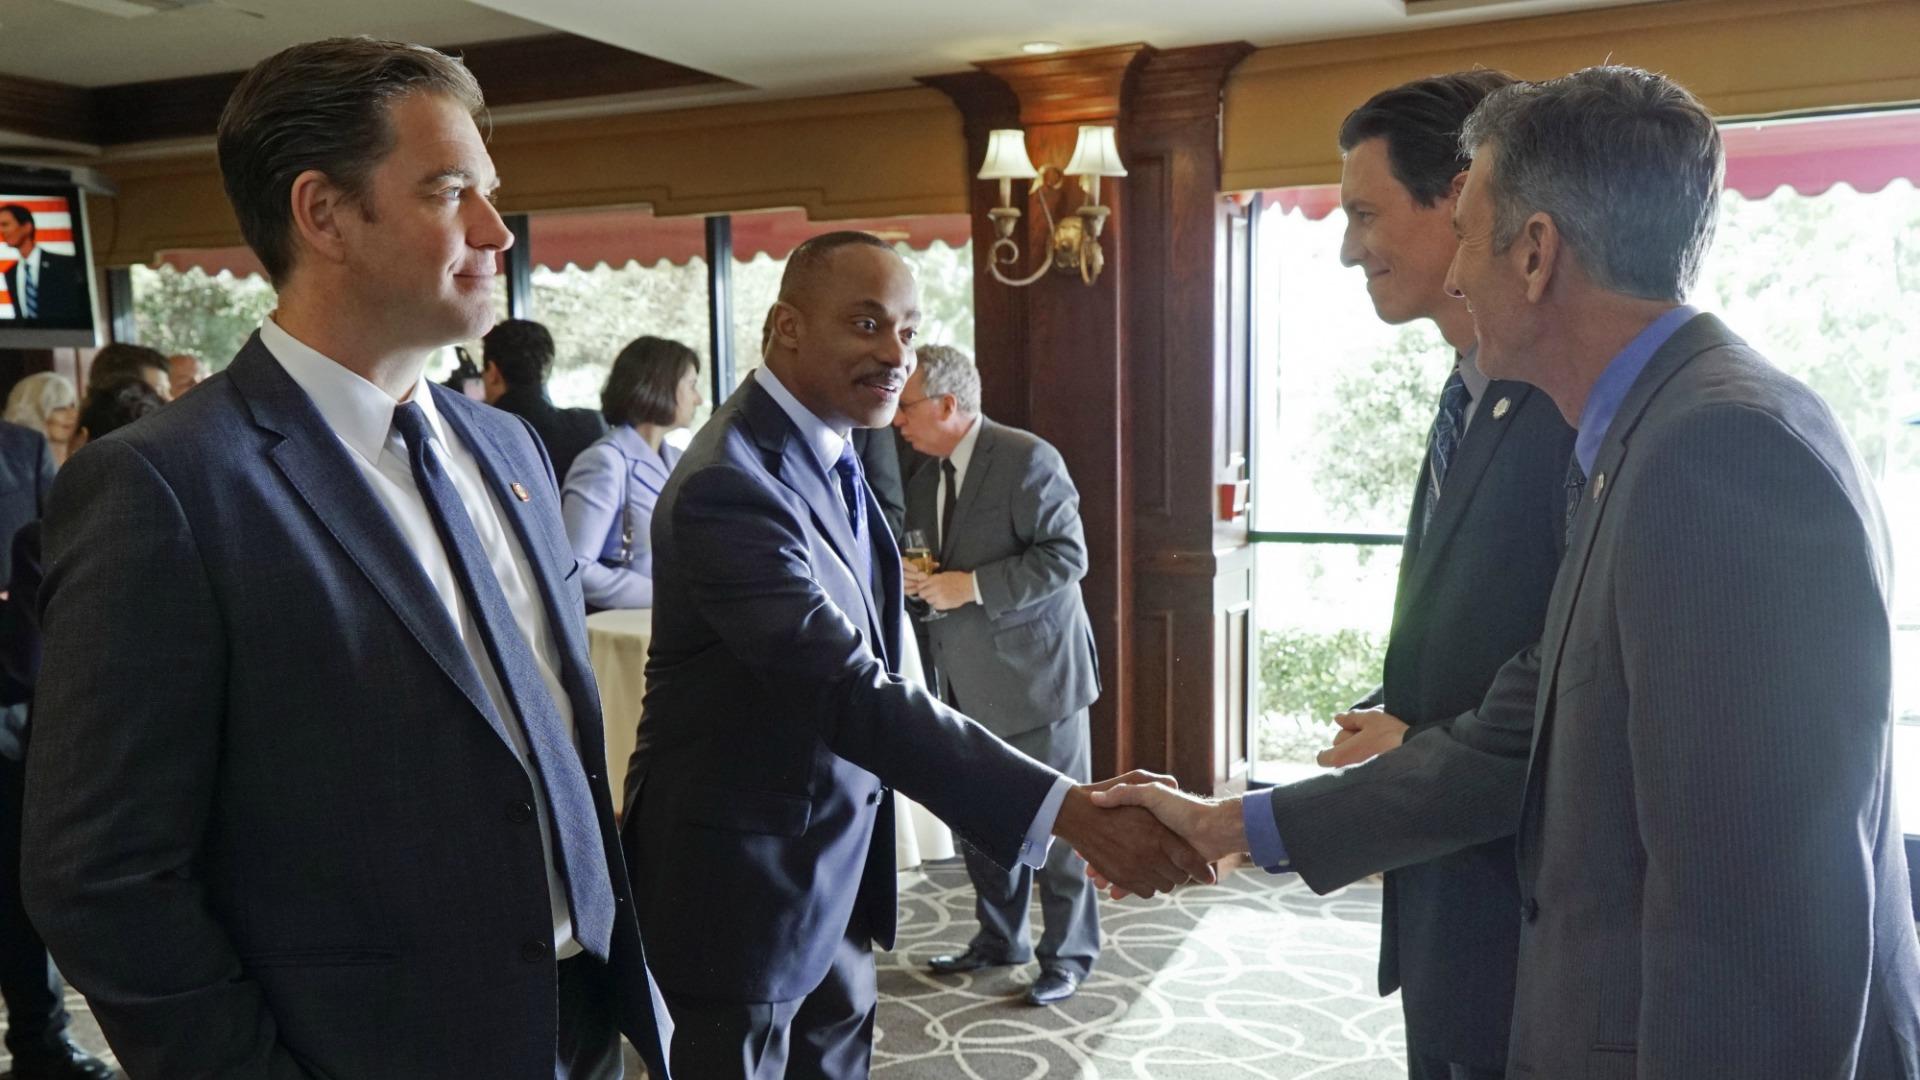 Vance and DiNozzo shake hands with U.S. senators.